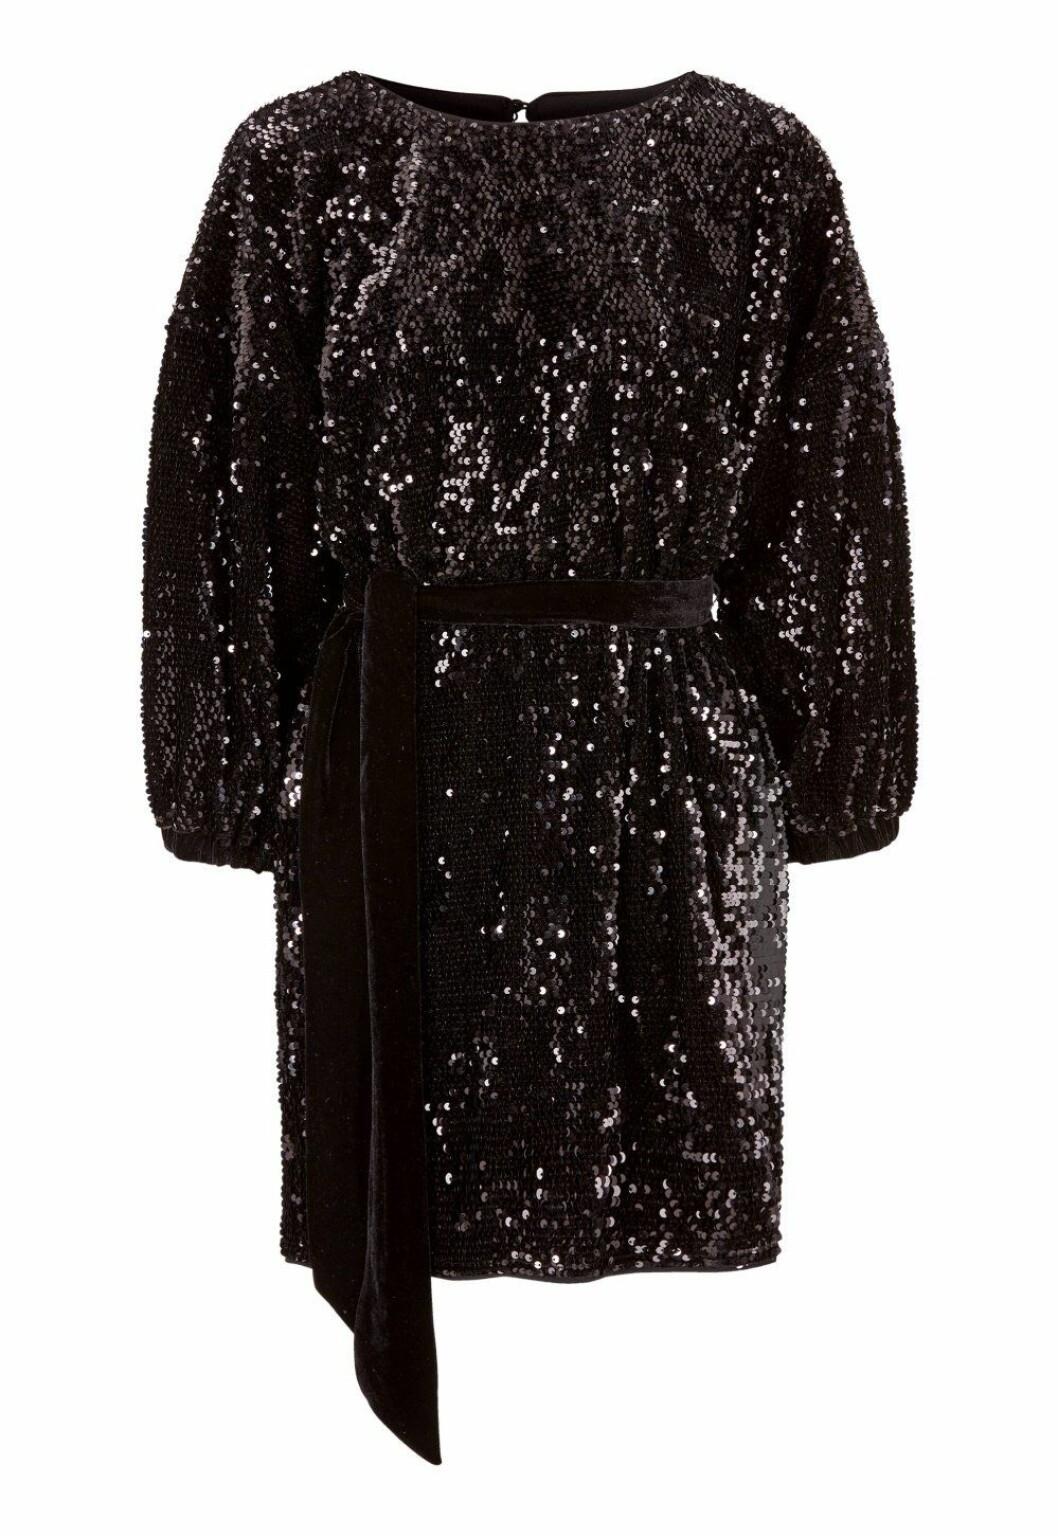 Svart paljettklänning till nyårsafton 2018